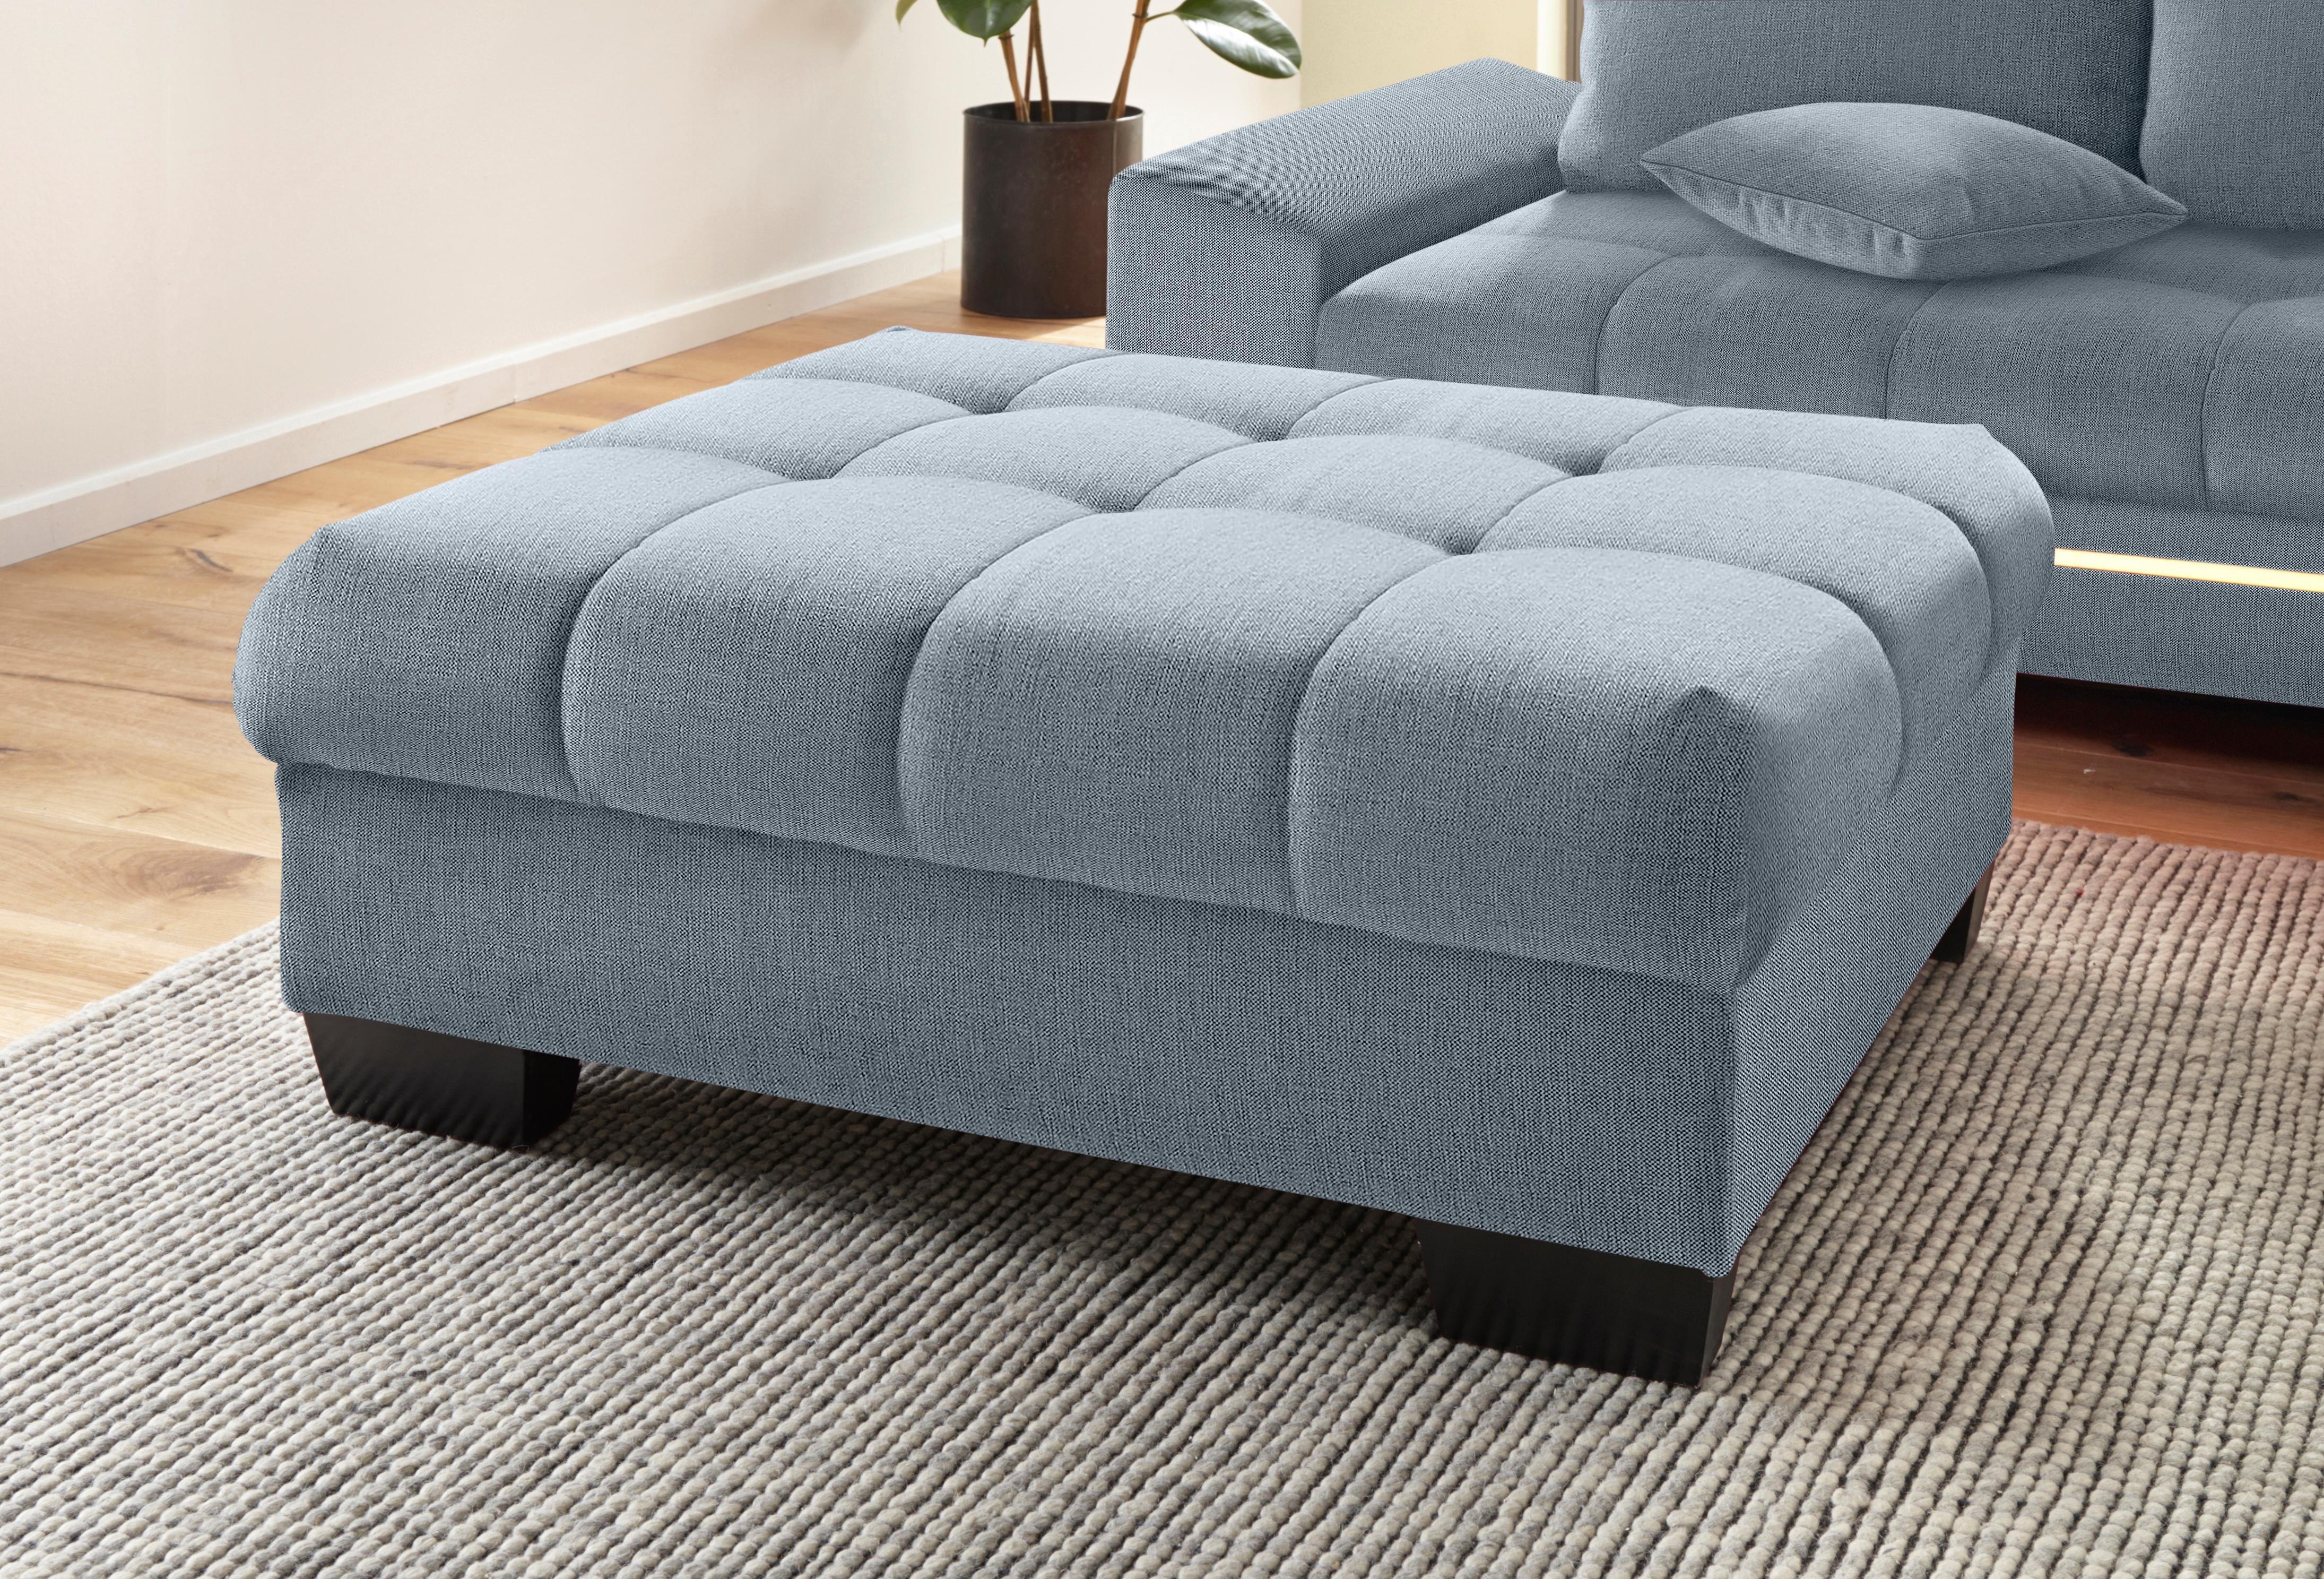 Sitzhocker online kaufen | Möbel-Suchmaschine | ladendirekt.de